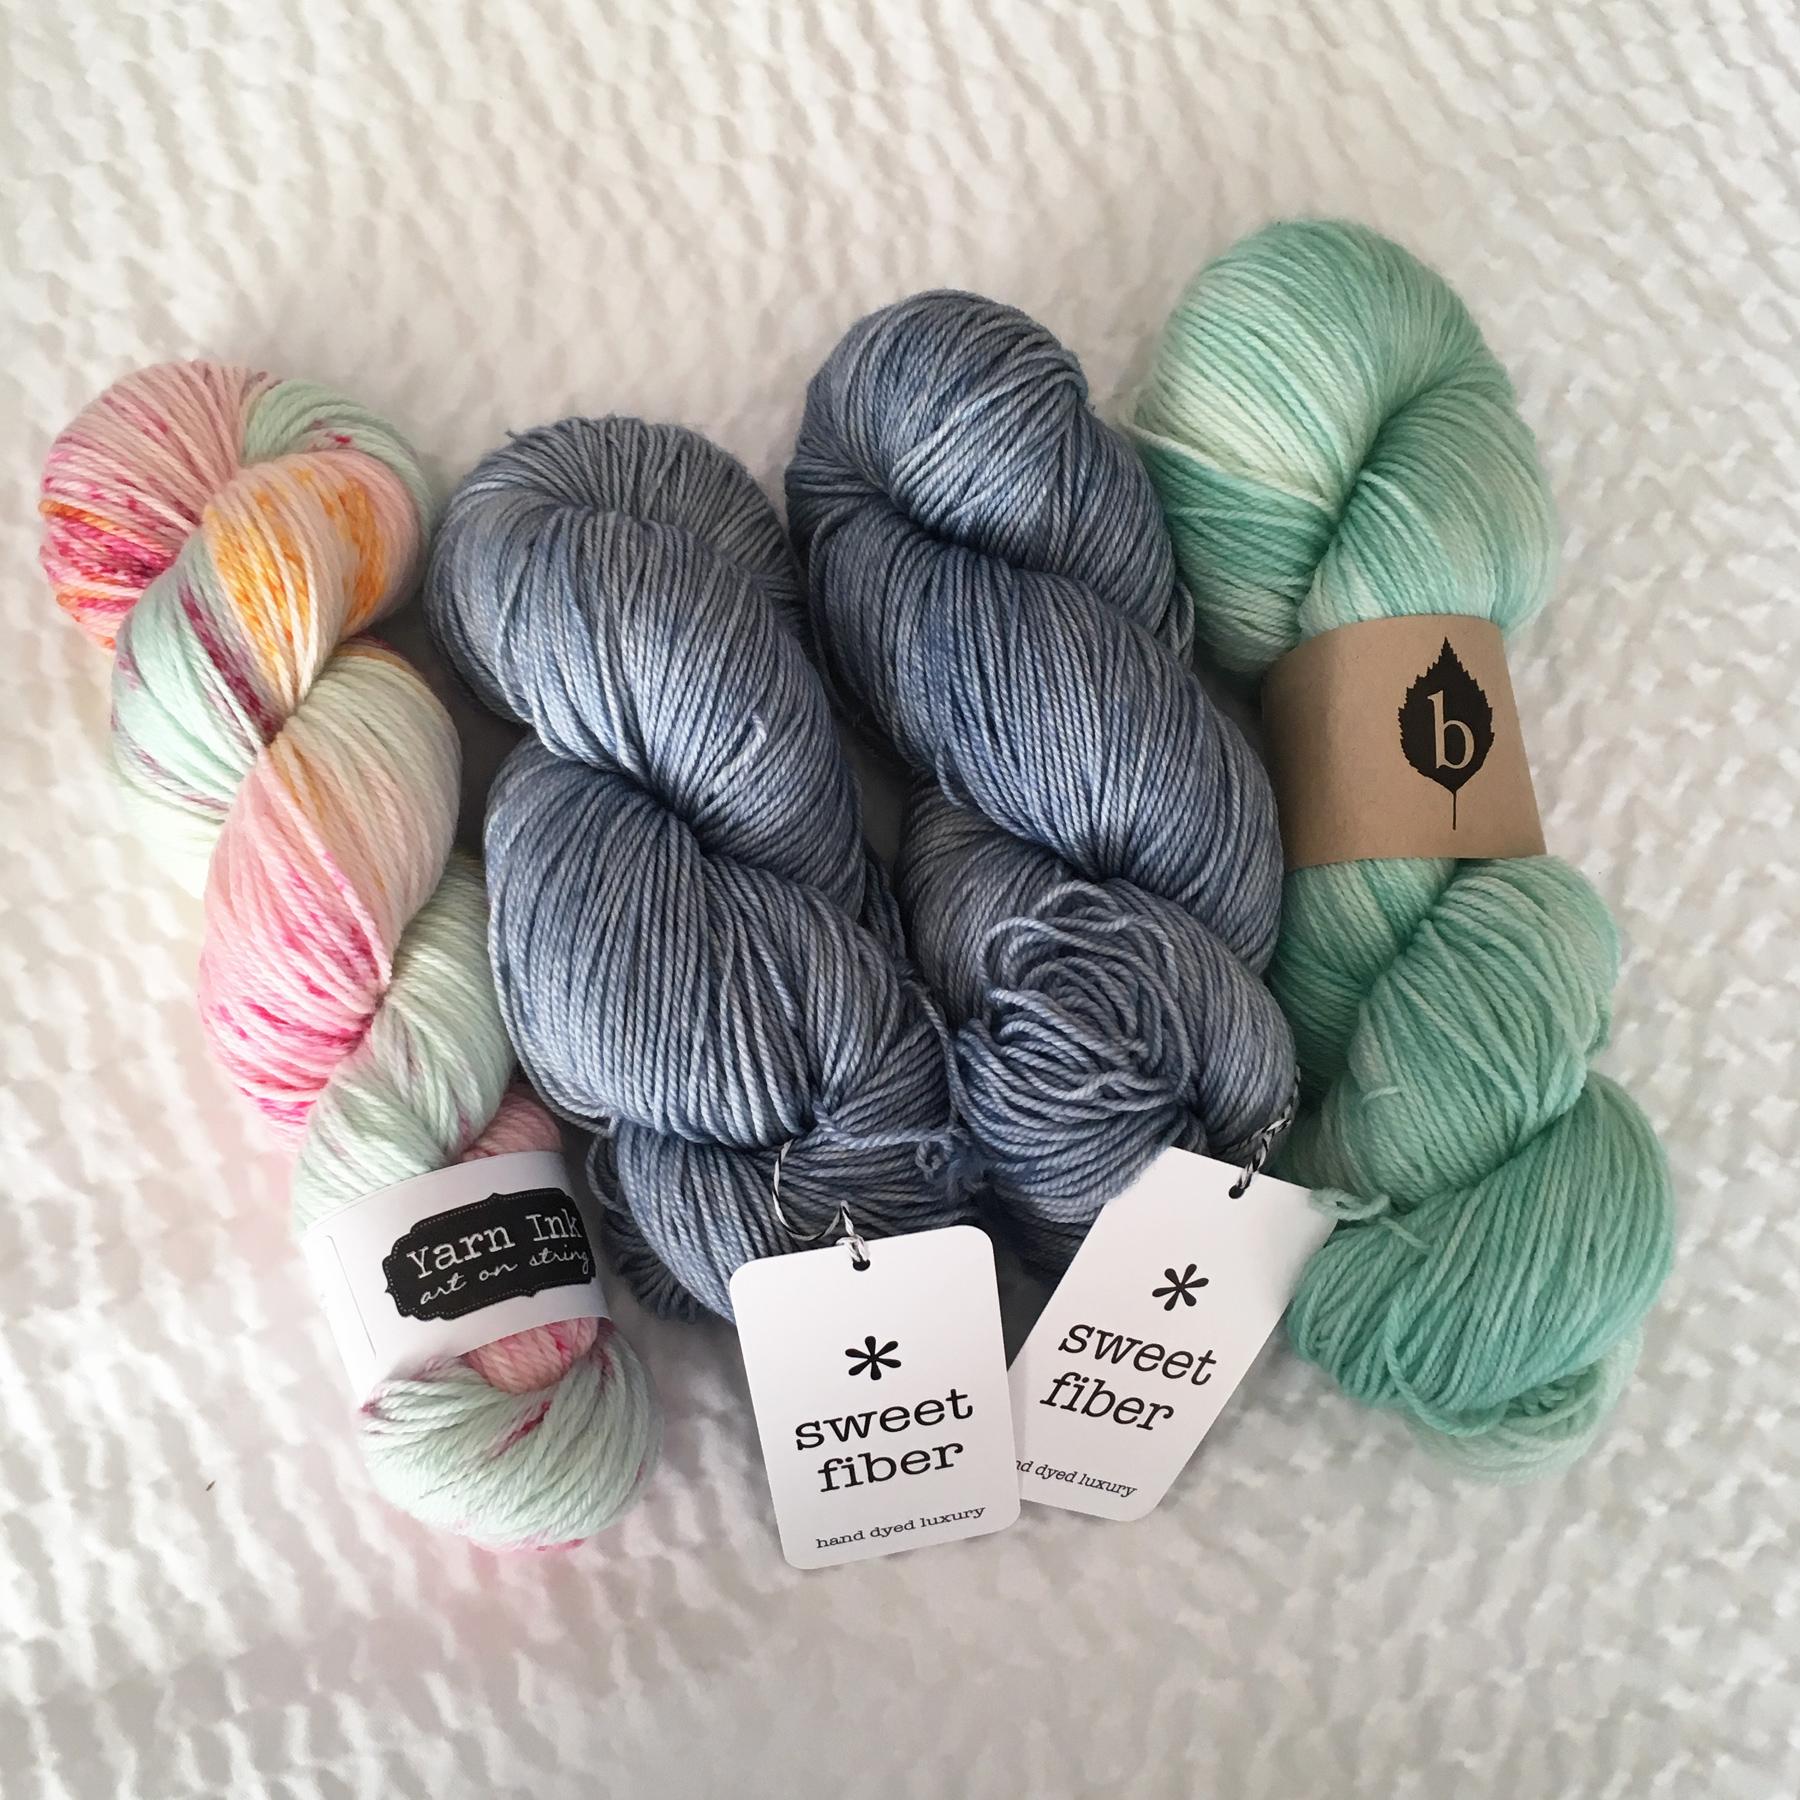 Yarns I bought at Knit City!